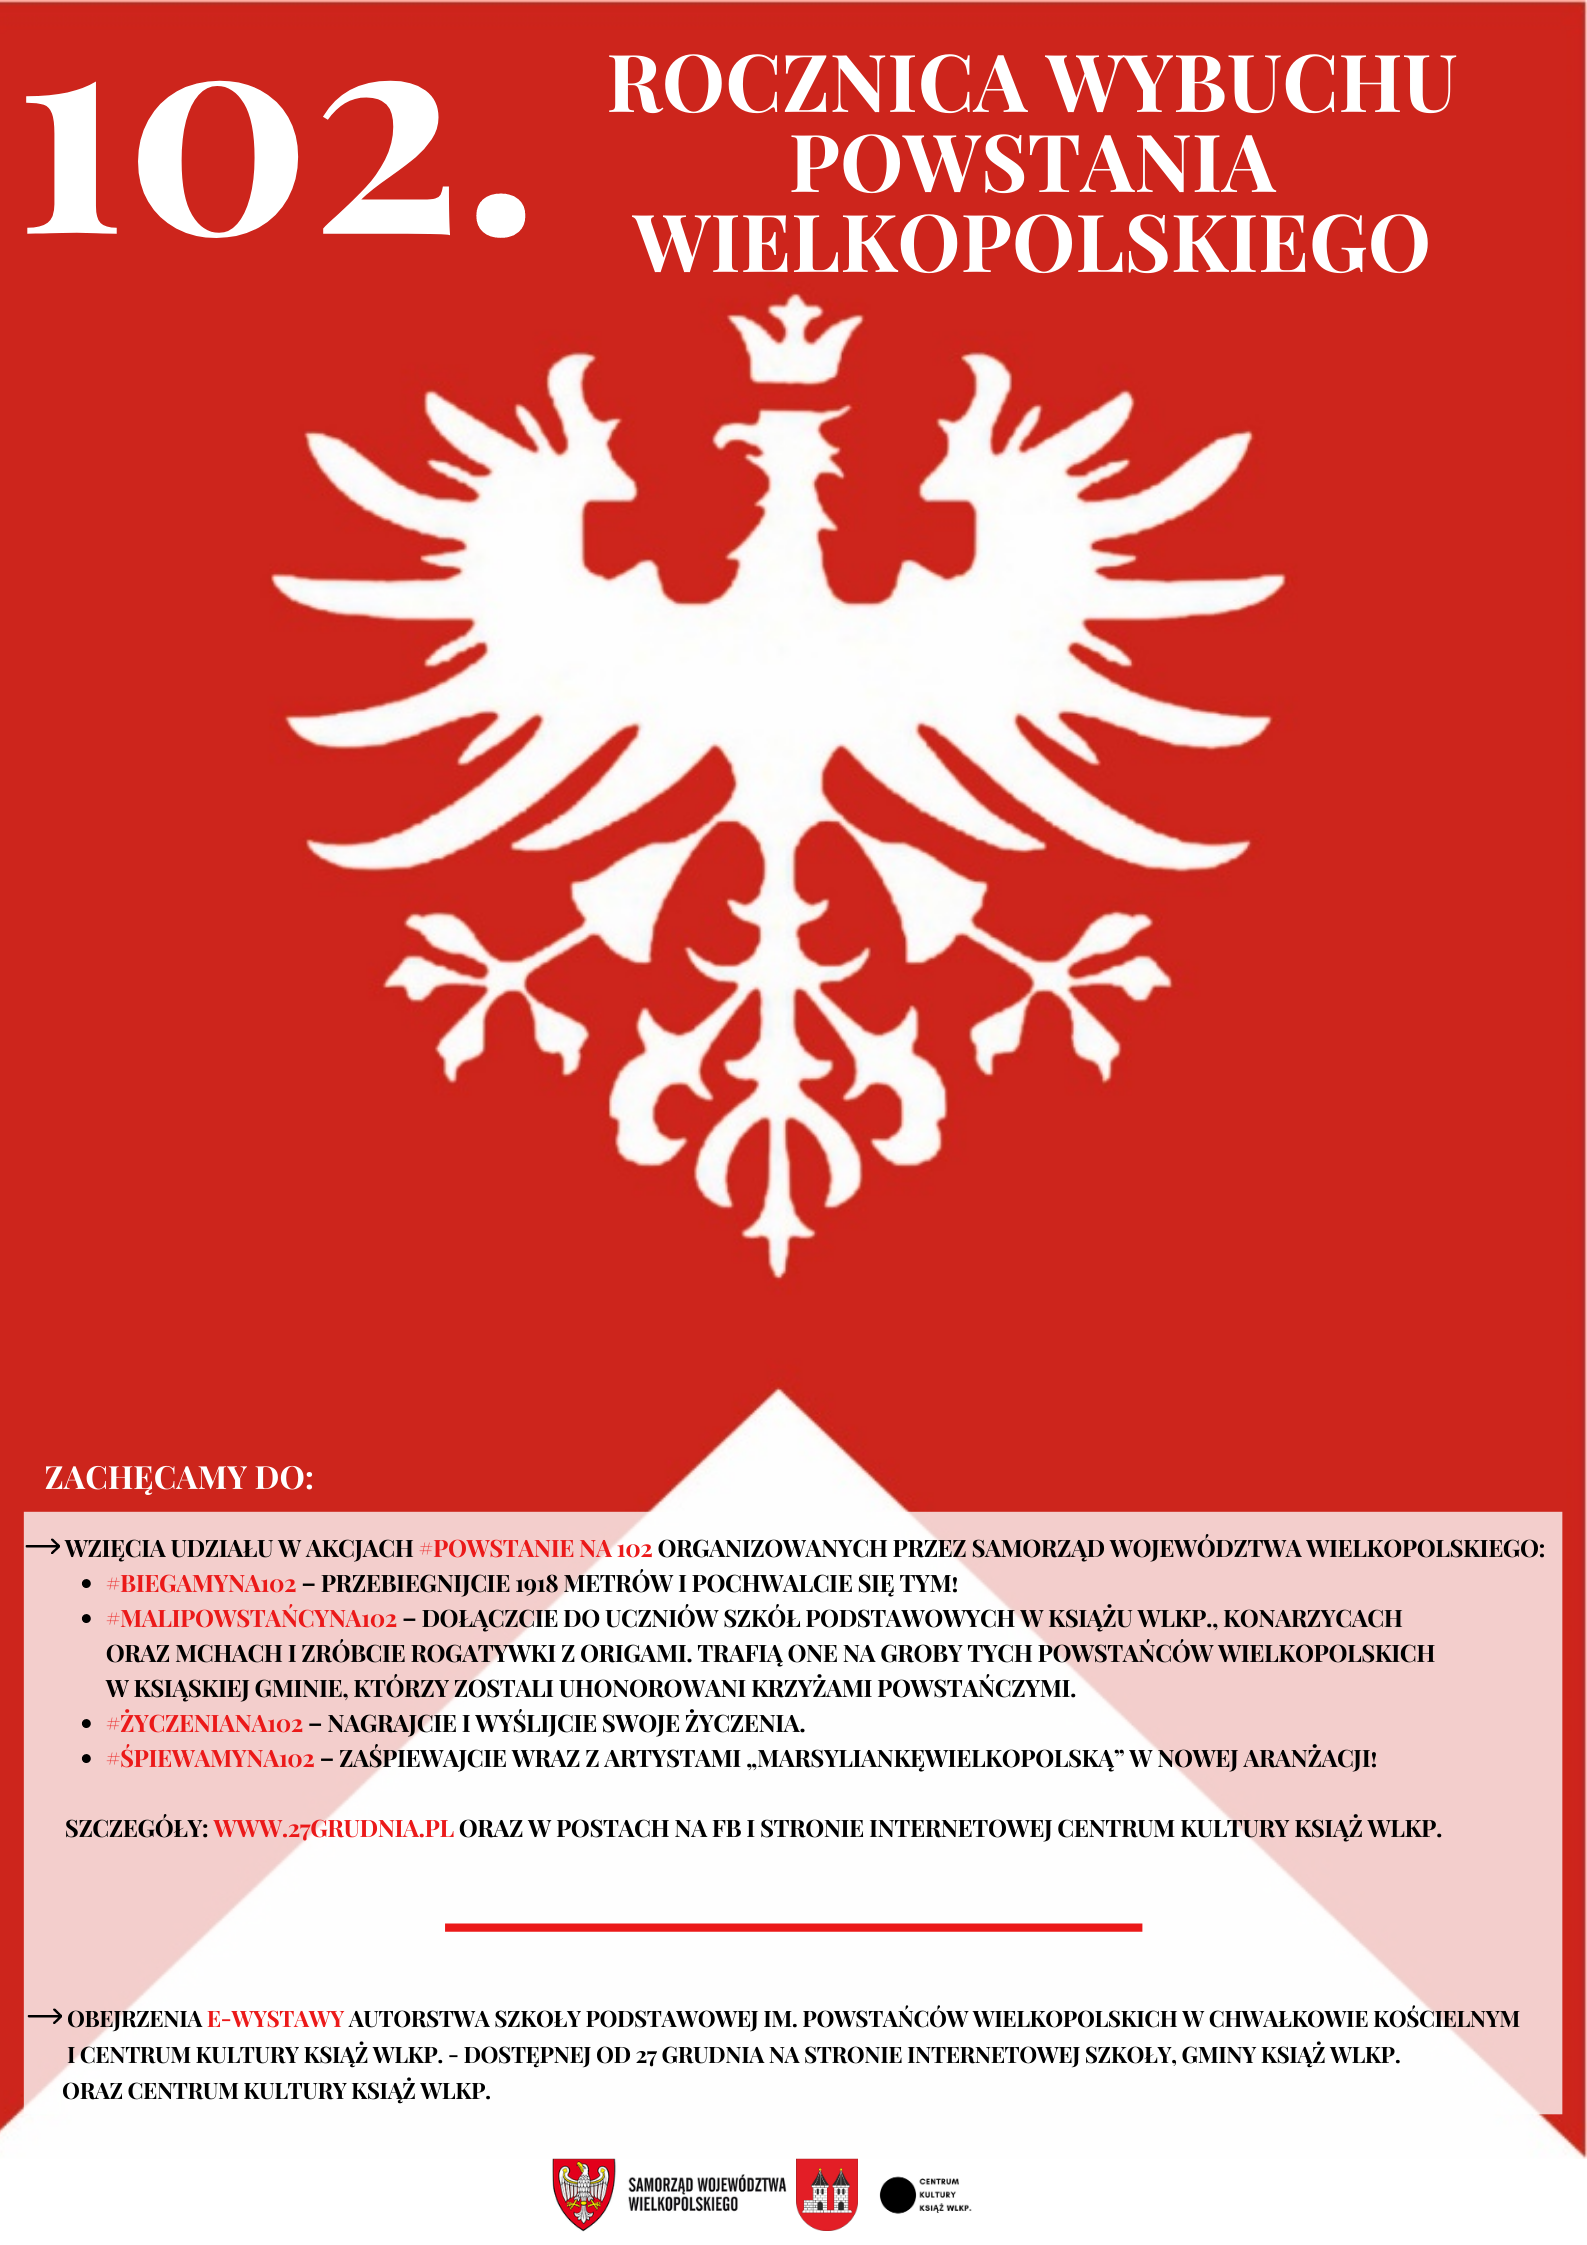 Na plakacie jest polski orzełek na czerwonej fladze oraz informacje związane z obchodami 102. rocznicy wybuchu powstania wielkopolskiego